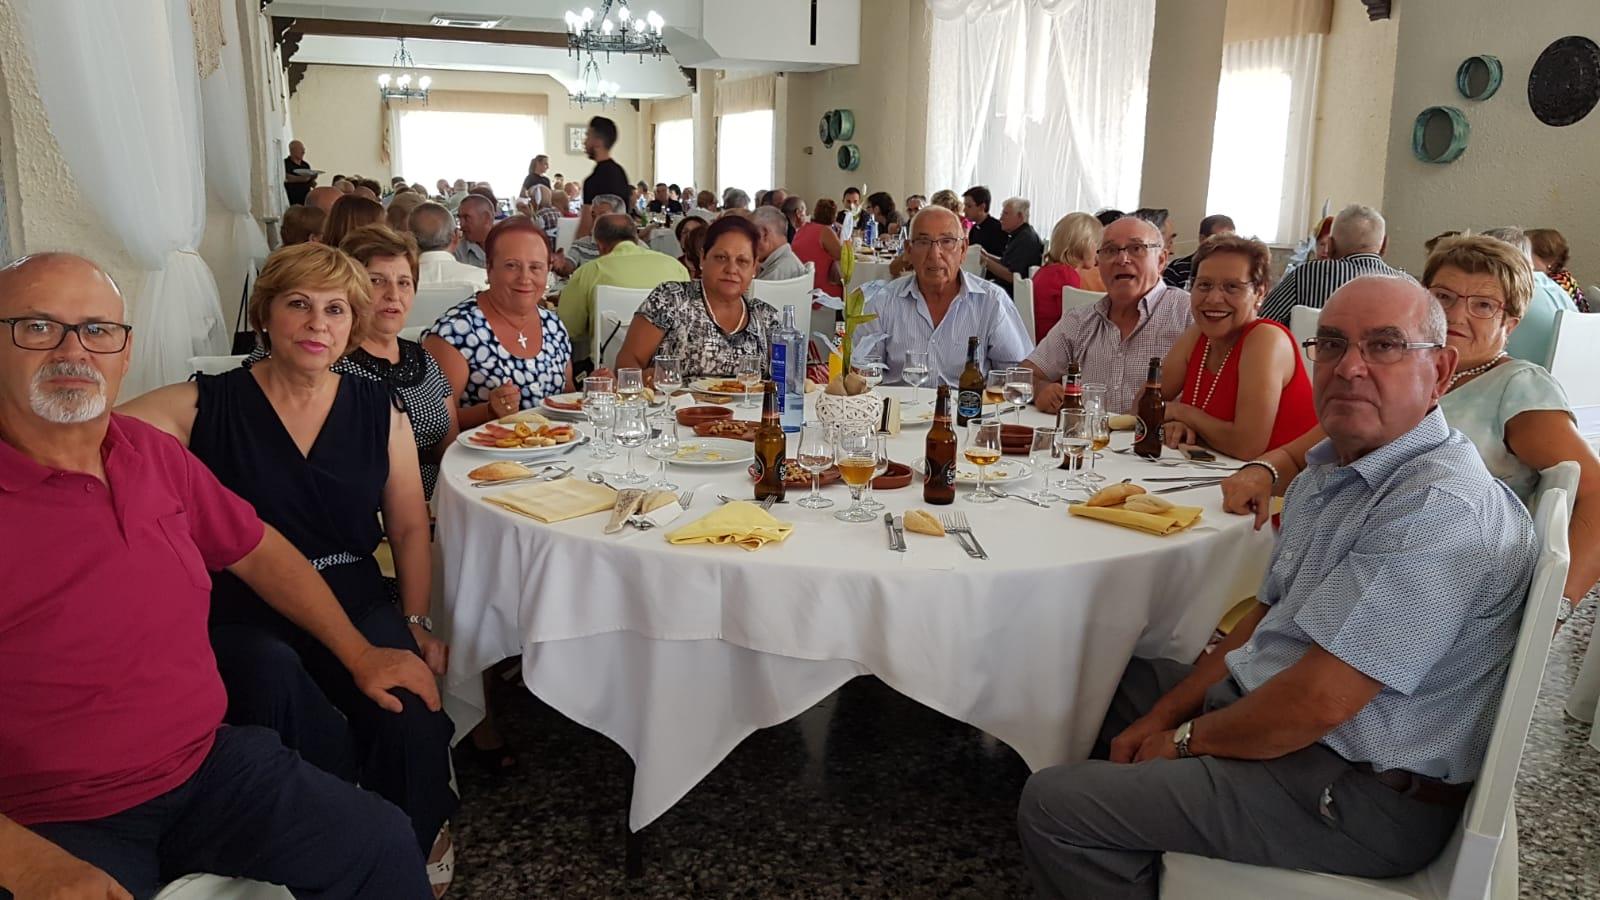 Balls, sopars, espectacles d'humor i un dinar de germanor han sigut alguns dels esdeveniments que ha organitzat la Unió de Jubilats i Pensionistes de Vilamarxant